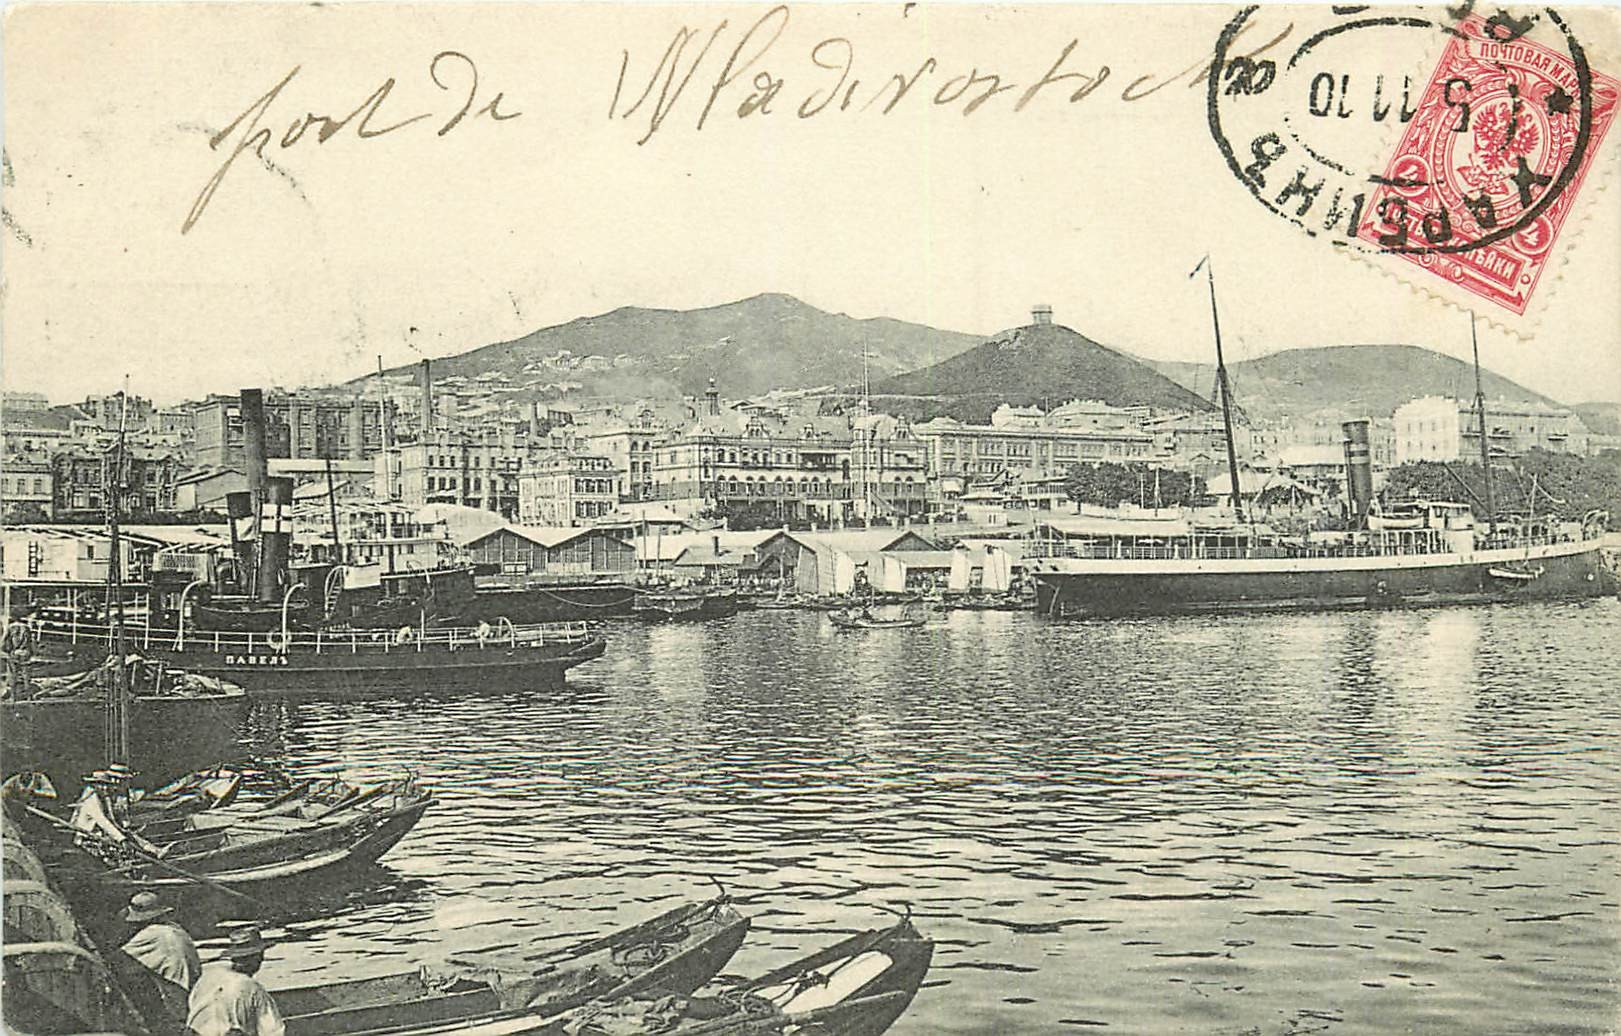 WW RUSSIE. Pêcheurs dans le Port de Wladivostock 1910